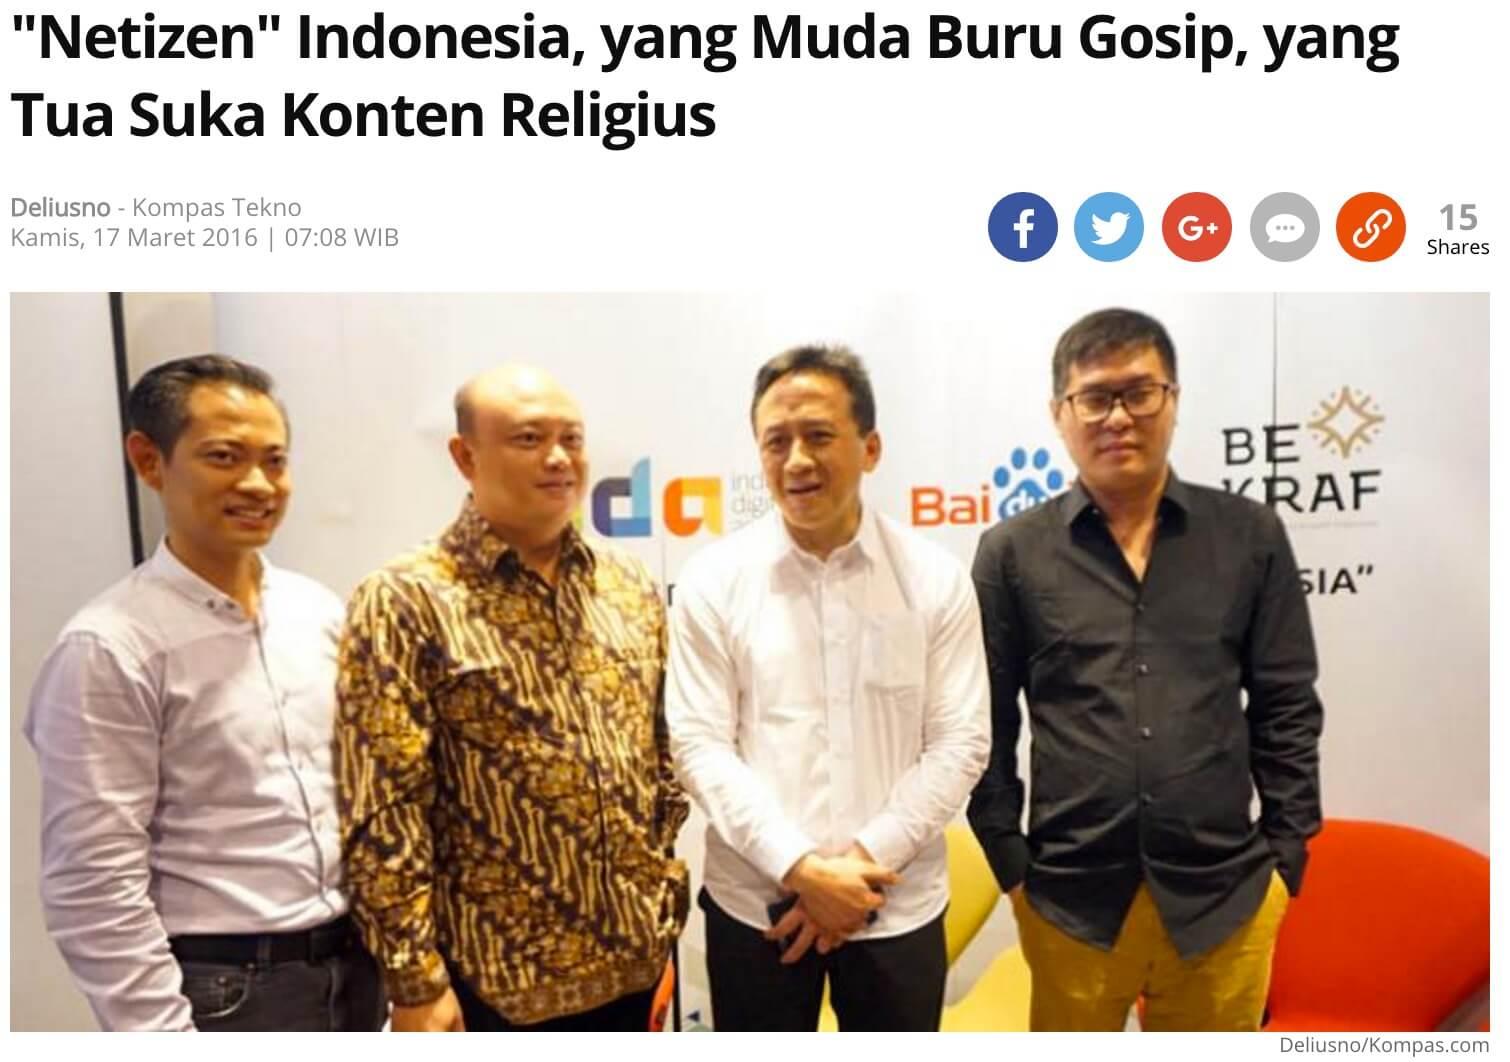 「「インドネシアのネチズン、若者はゴシップを追いかけ、年配者は宗教コンテンツを好む」とのKompas記事より